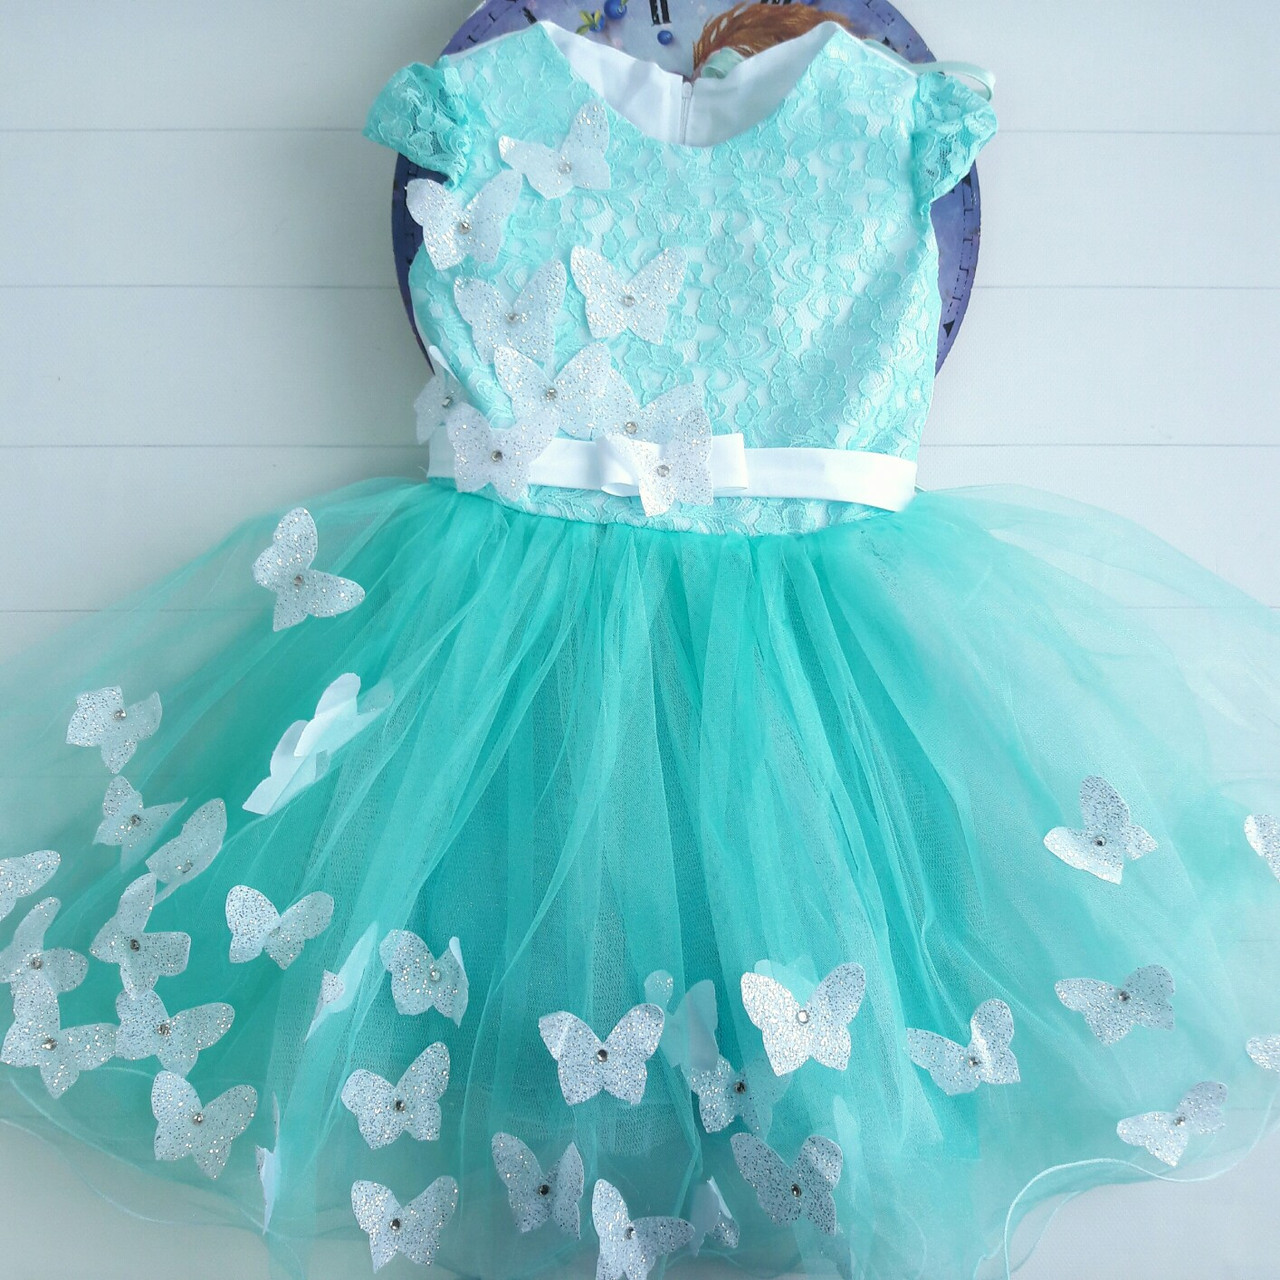 Купить Нарядное розовое платье, для девочки. Elegant pink dress ... | 1280x1280